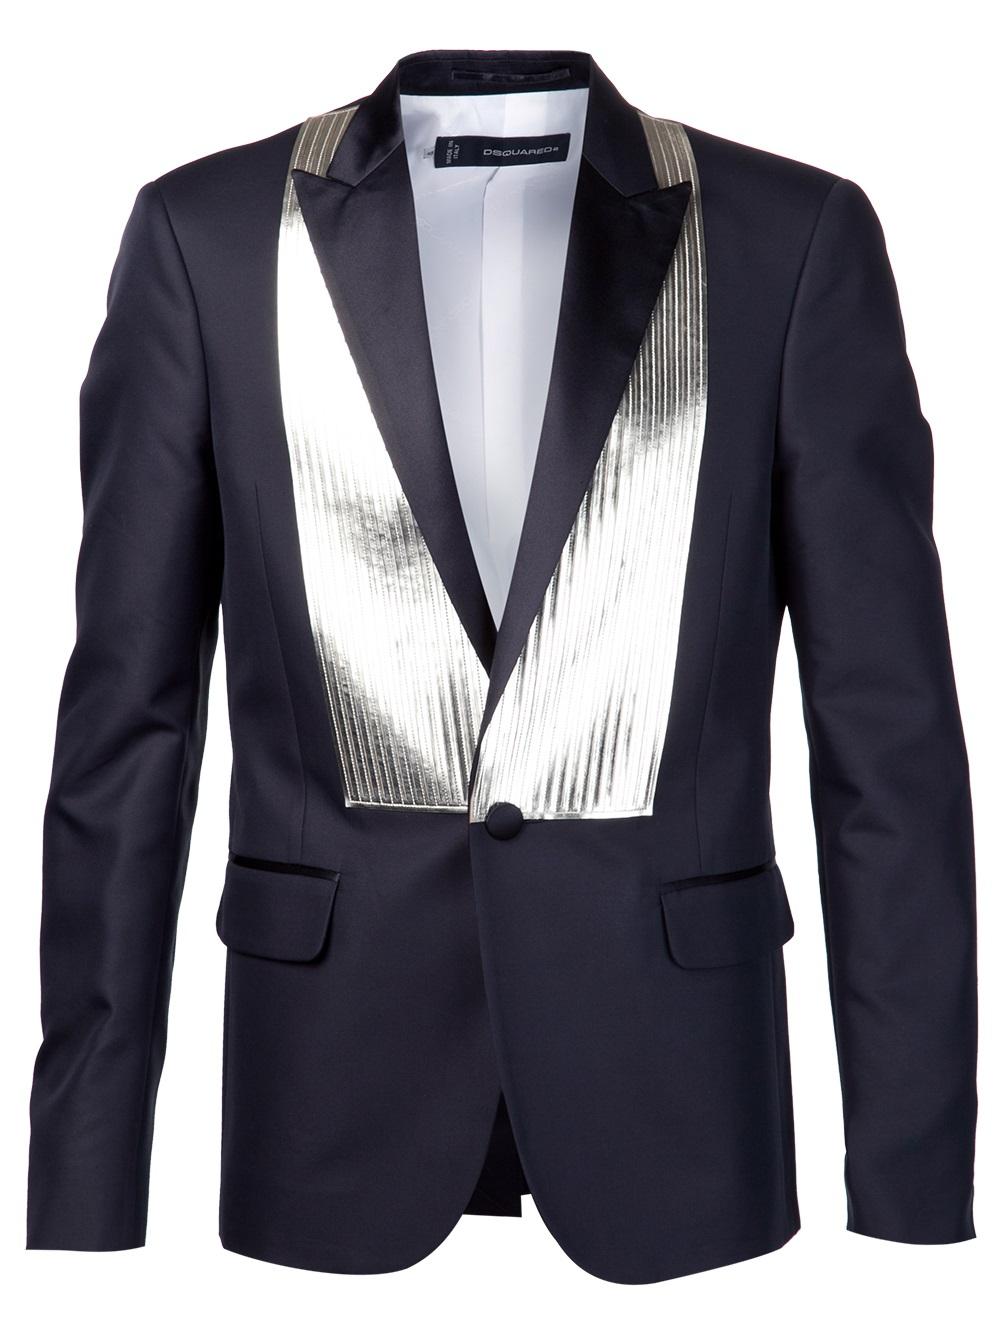 Lyst - Dsquaredu00b2 Tuxedo Jacket In Black For Men